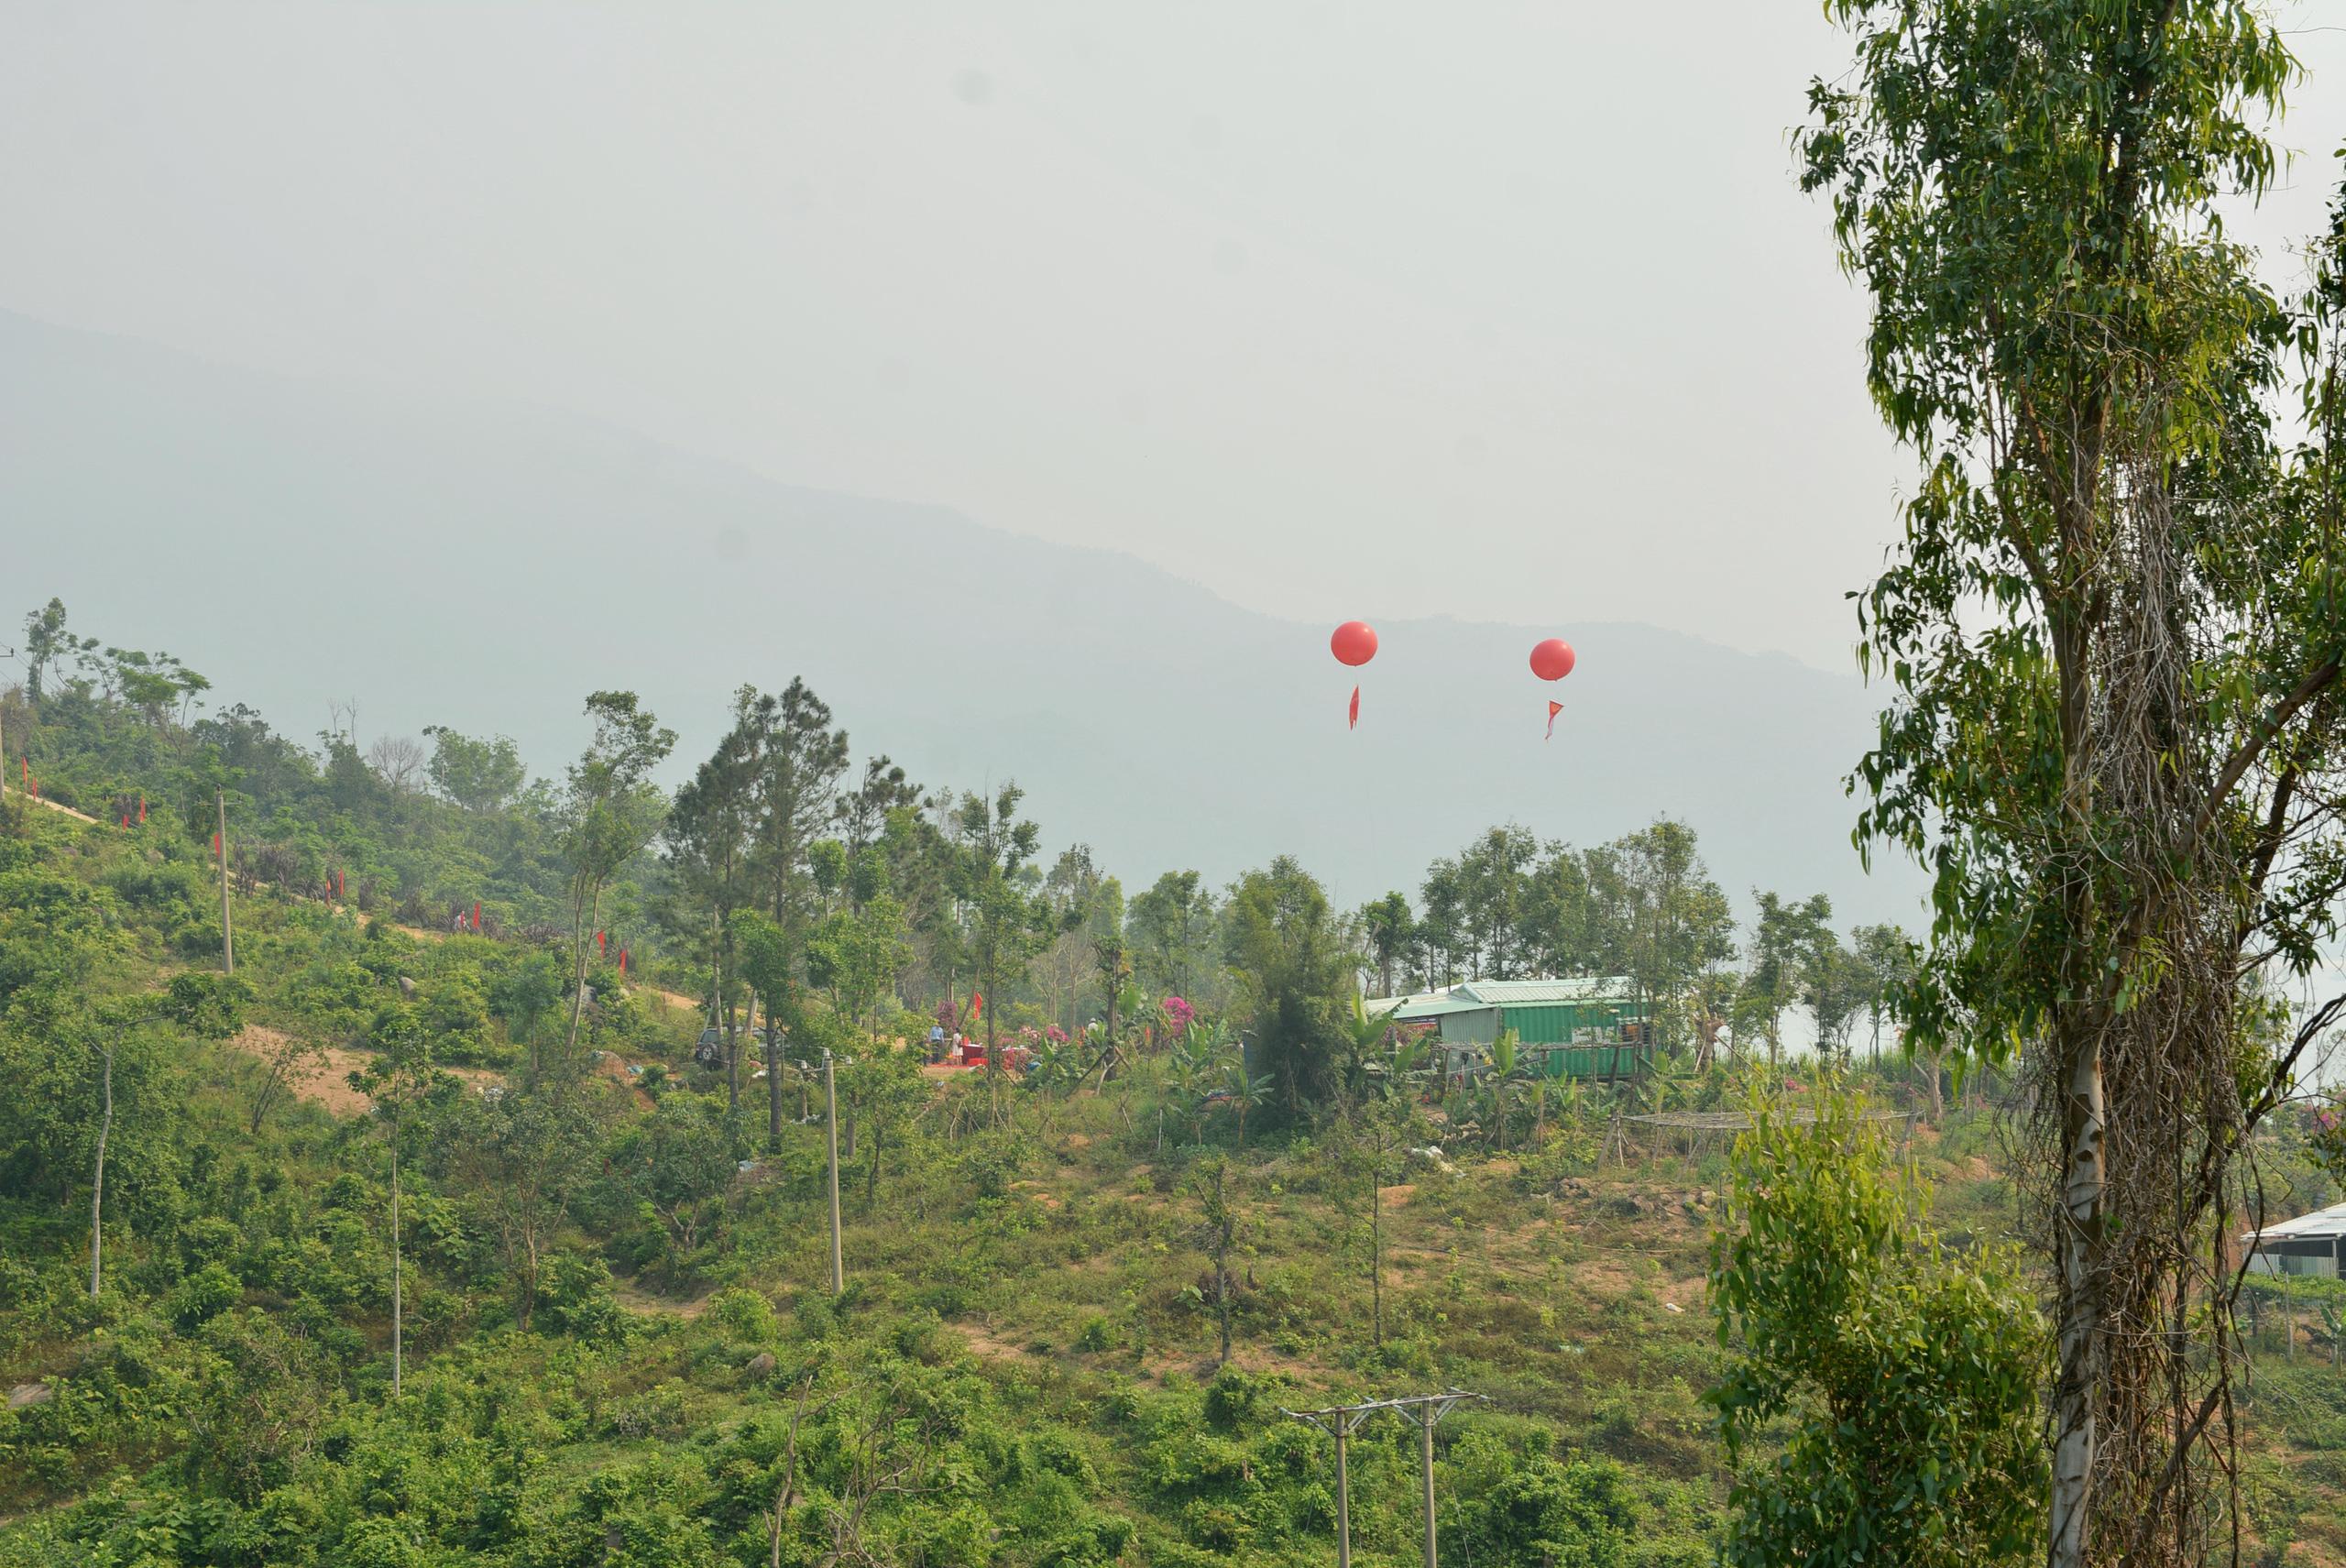 Khu vực tổ chức lễ khởi động nằm ở dưới chân đèo Hải Vân, trên khu vực đất sẽ triển khai dự án Làng Vân, cách Quốc lộ 1 khoảng 200 m.